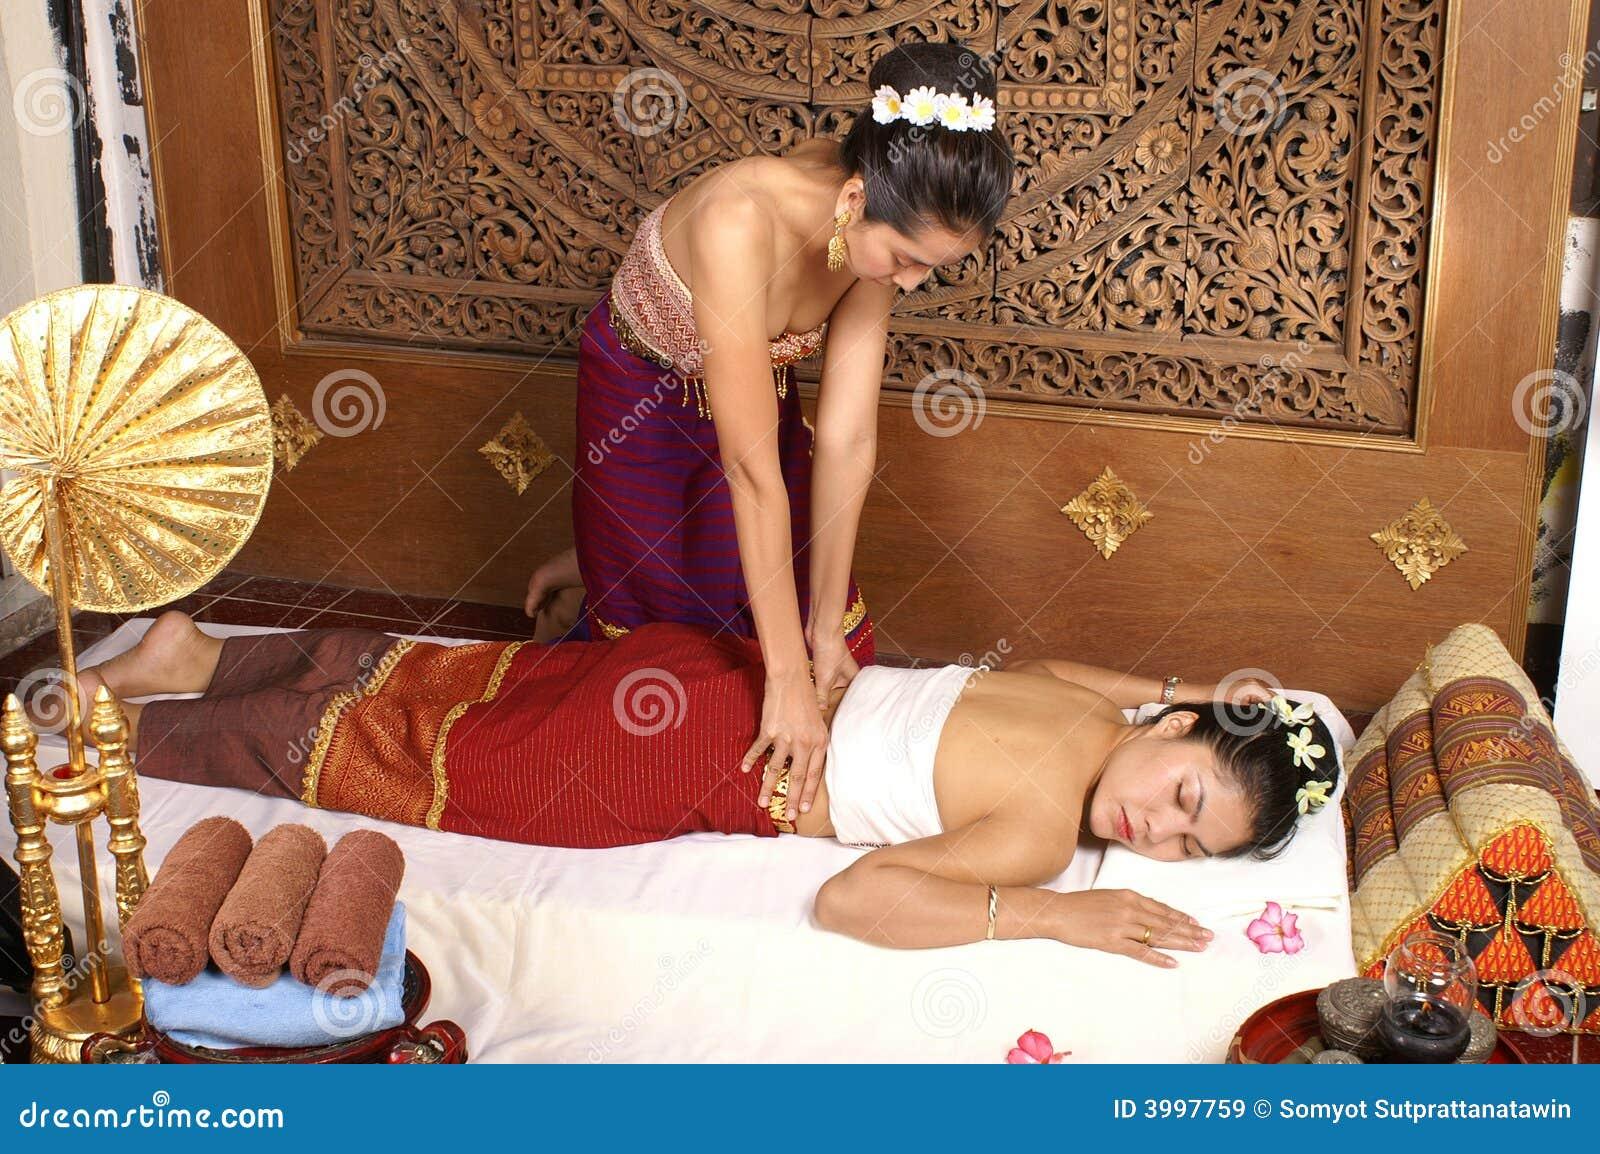 thaise massage zoeterwoude massage kijkduin